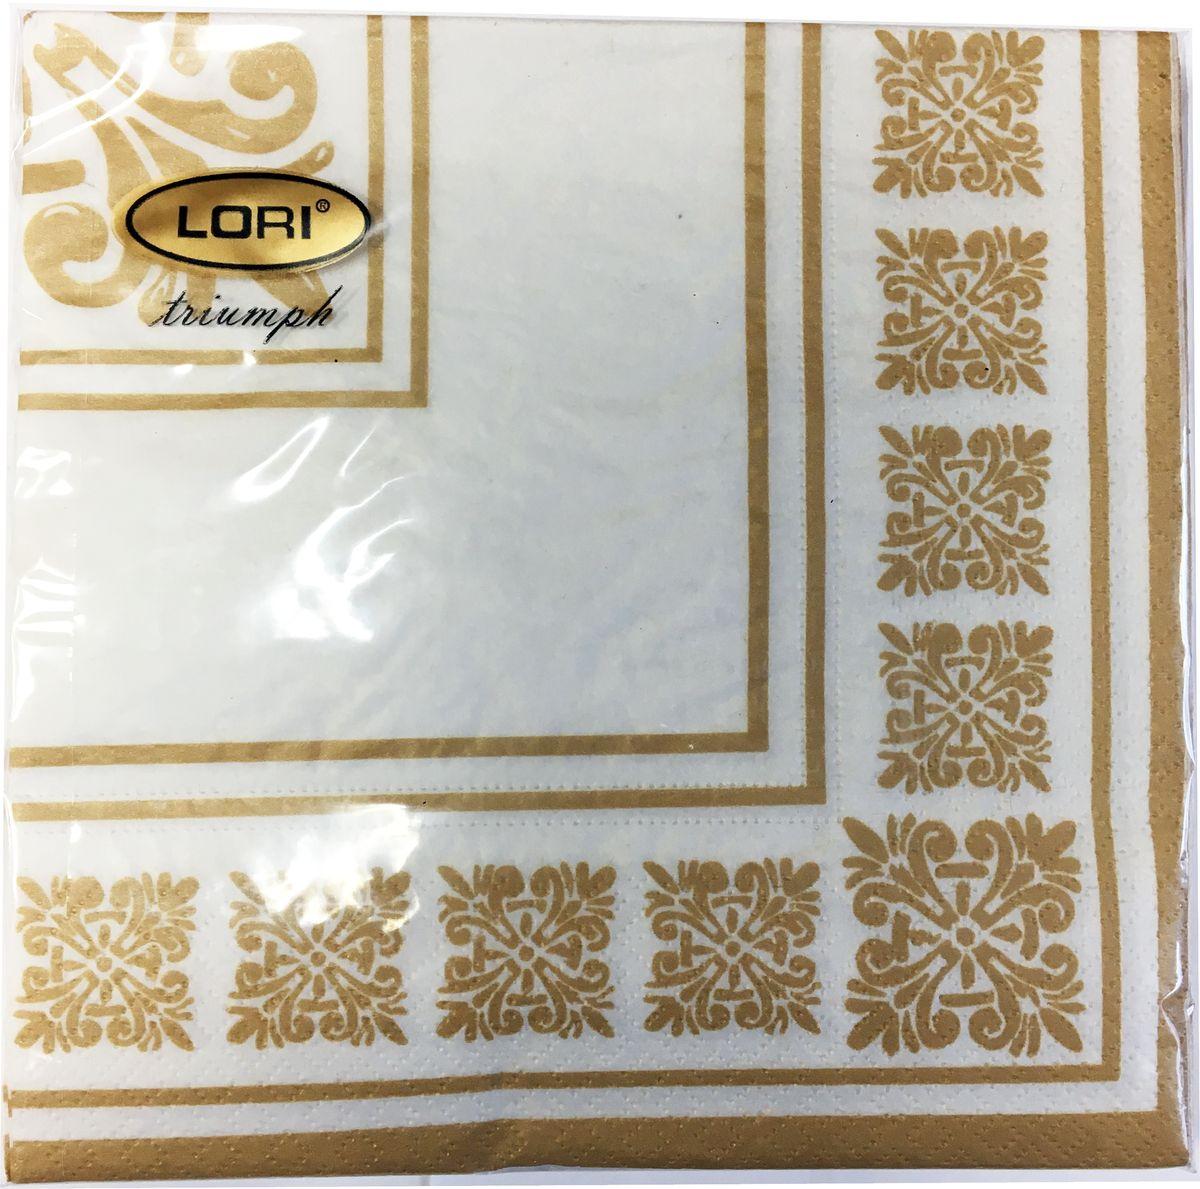 Салфетки бумажные Lori Triumph, трехслойные, цвет: коричневый, белый, 33 х 33 см, 20 шт. 5606156061Декоративные трехслойные салфетки Lori Triumph выполнены из 100% целлюлозы и оформлены ярким рисунком. Изделия станут отличным дополнением любого праздничного стола. Они отличаются необычной мягкостью, прочностью и оригинальностью. Размер салфеток в развернутом виде: 33 х 33 см.